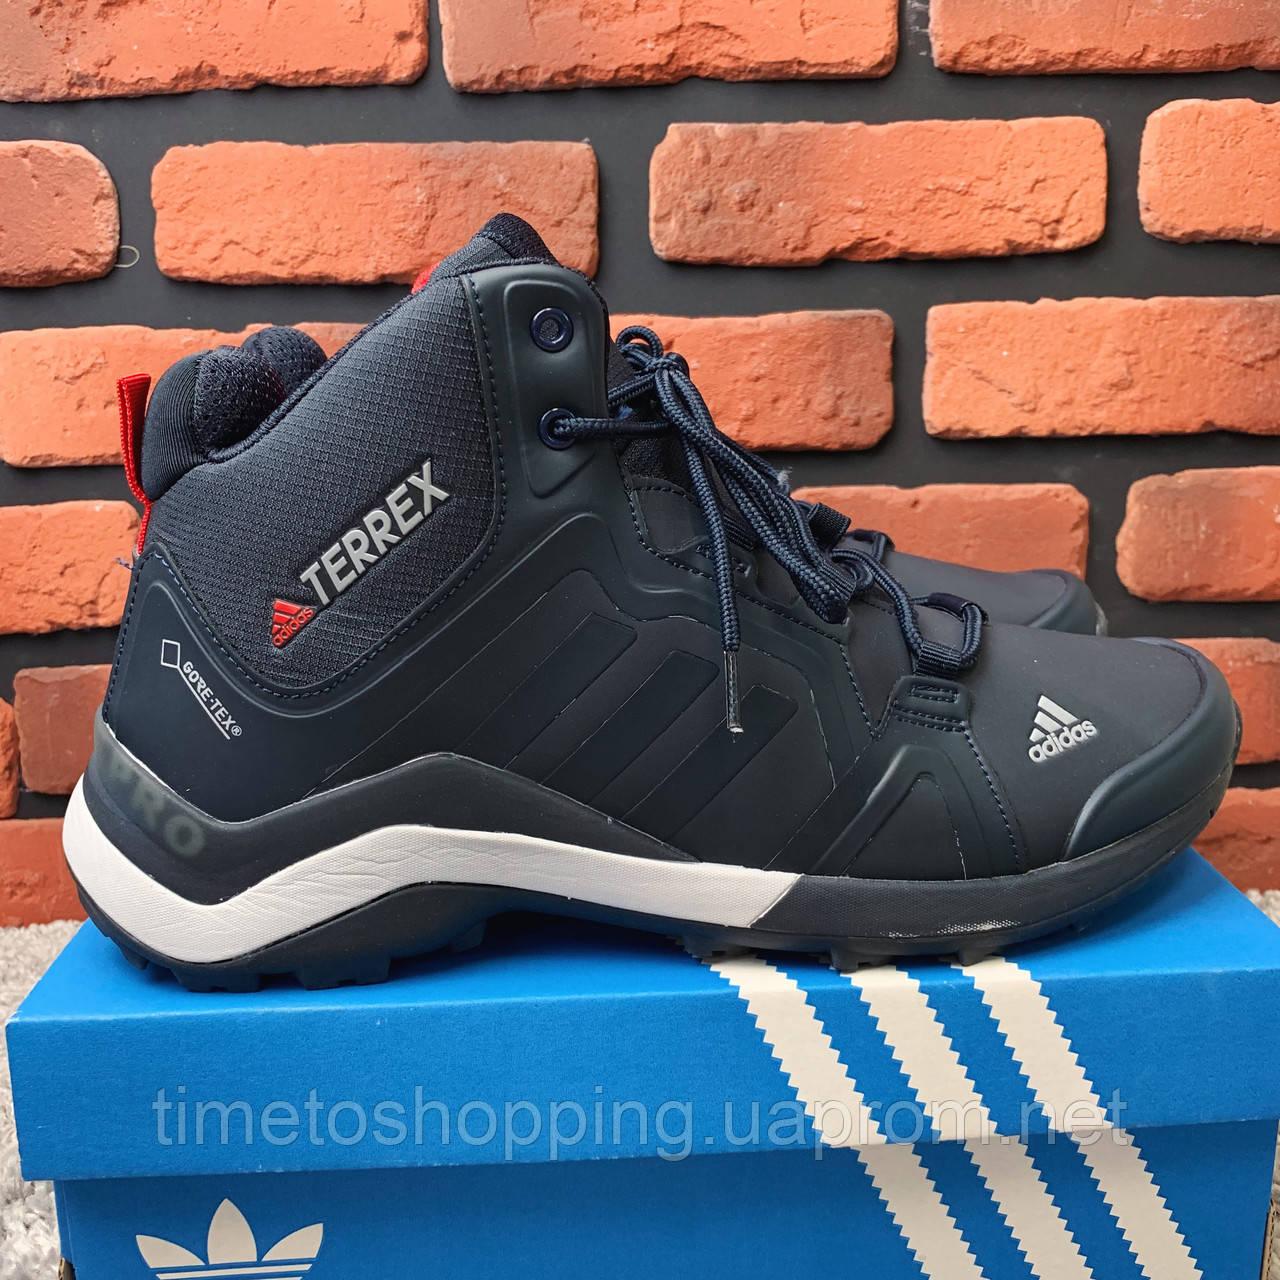 Зимові черевики (на хутрі) чоловічі Adidas TERREX 3-082 ⏩ [ 44 останній розмір ]